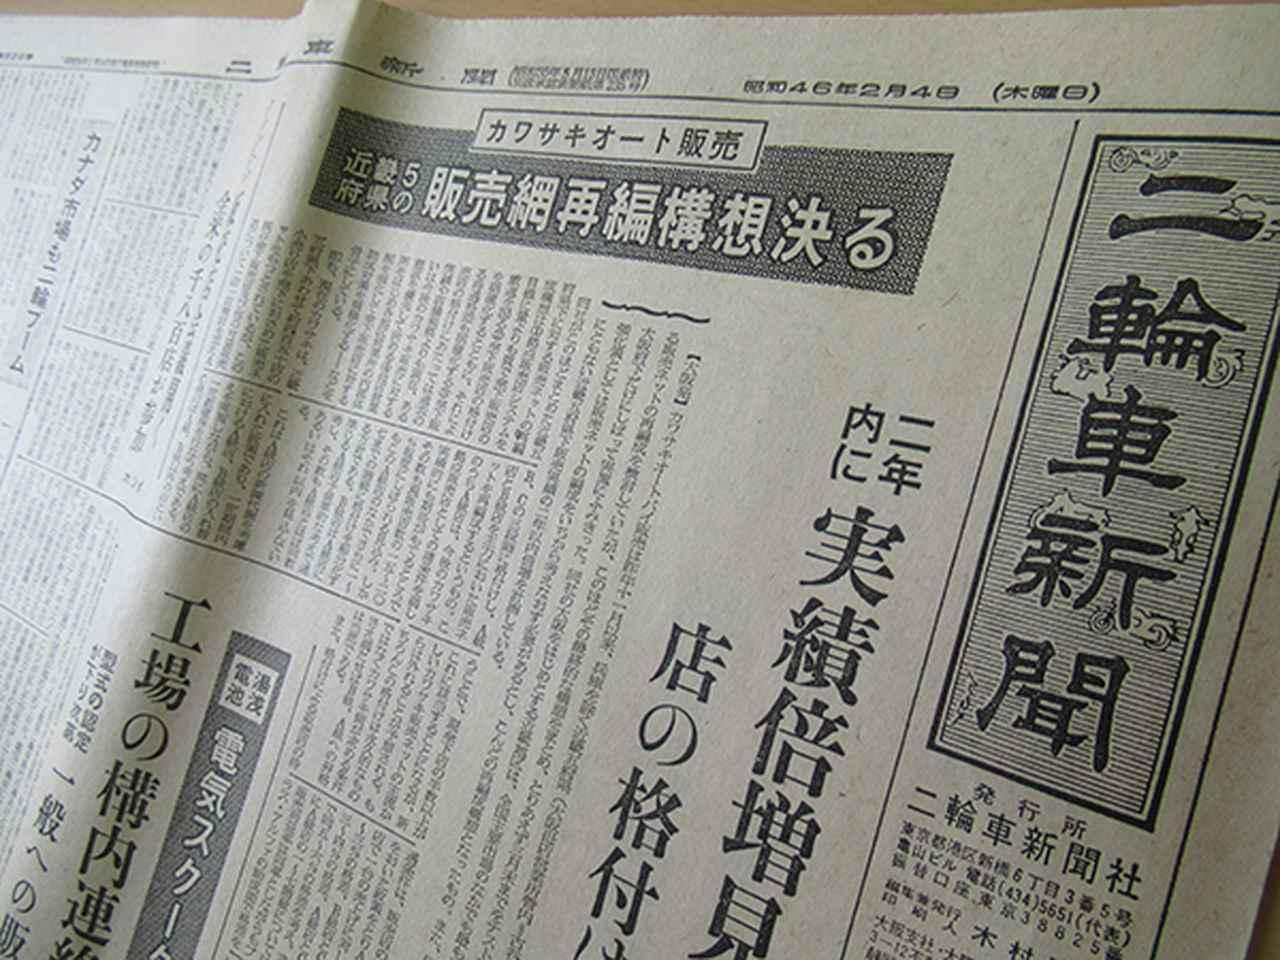 画像: 昭和46年2月4日付の二輪車新聞1面